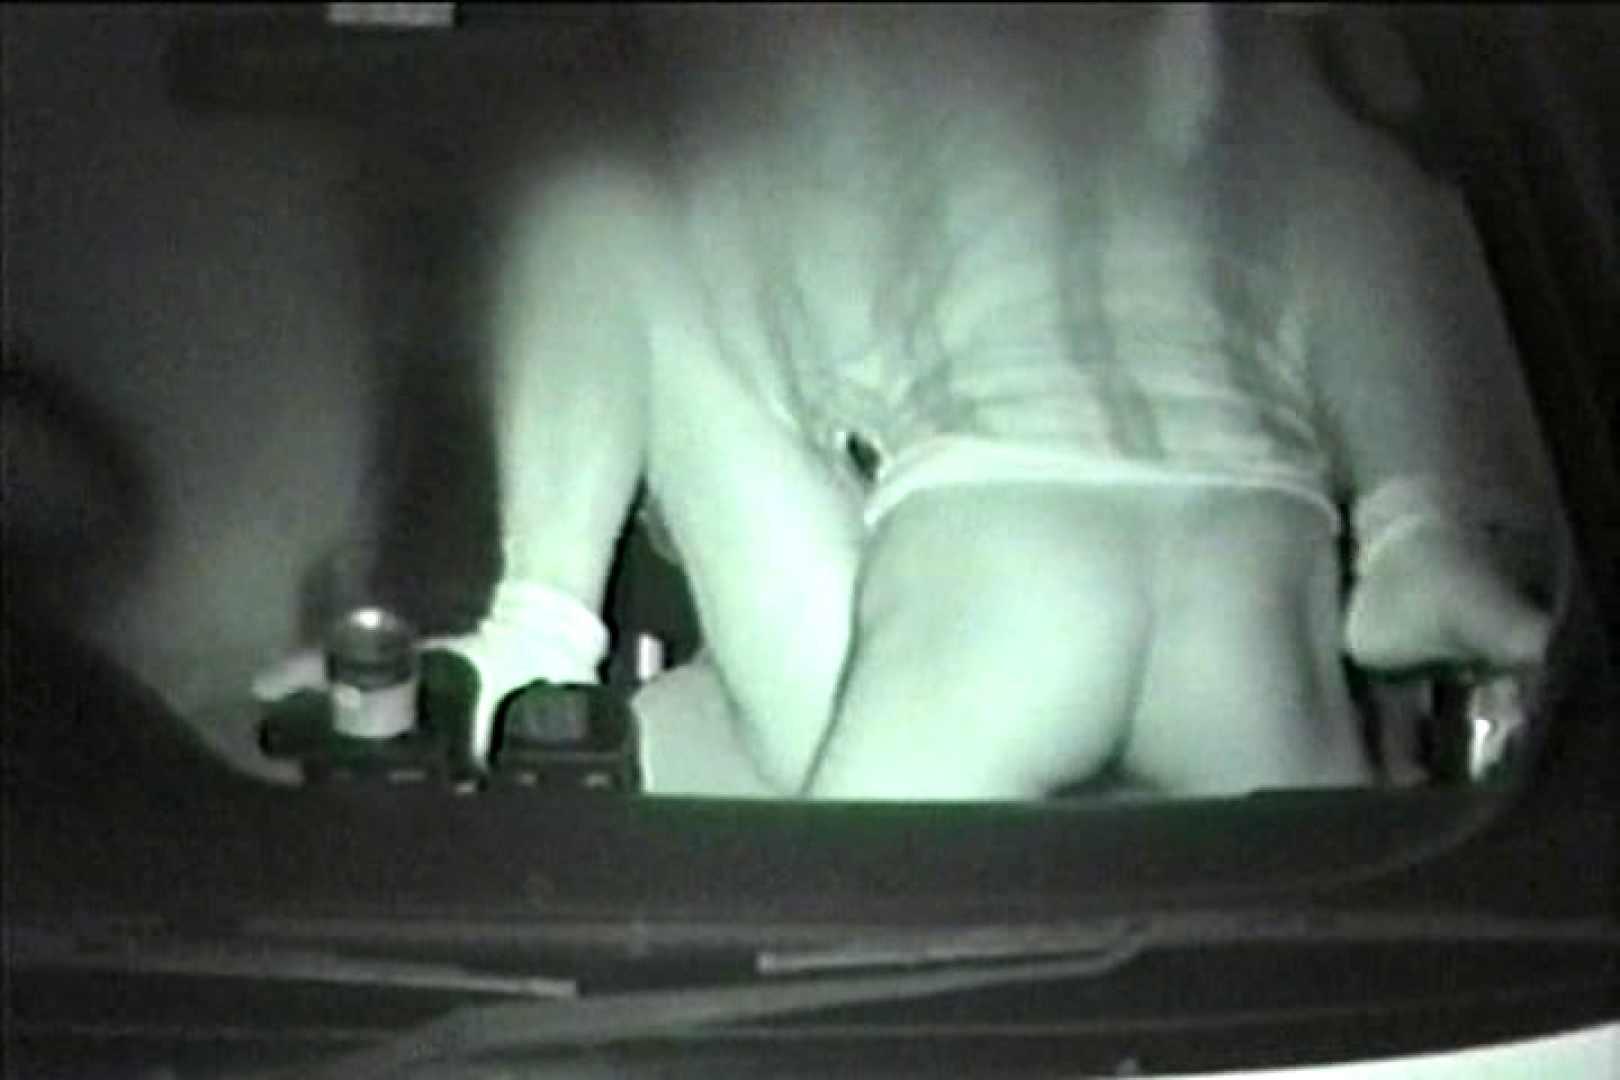 車の中はラブホテル 無修正版  Vol.7 セックス 隠し撮りオマンコ動画紹介 81画像 75